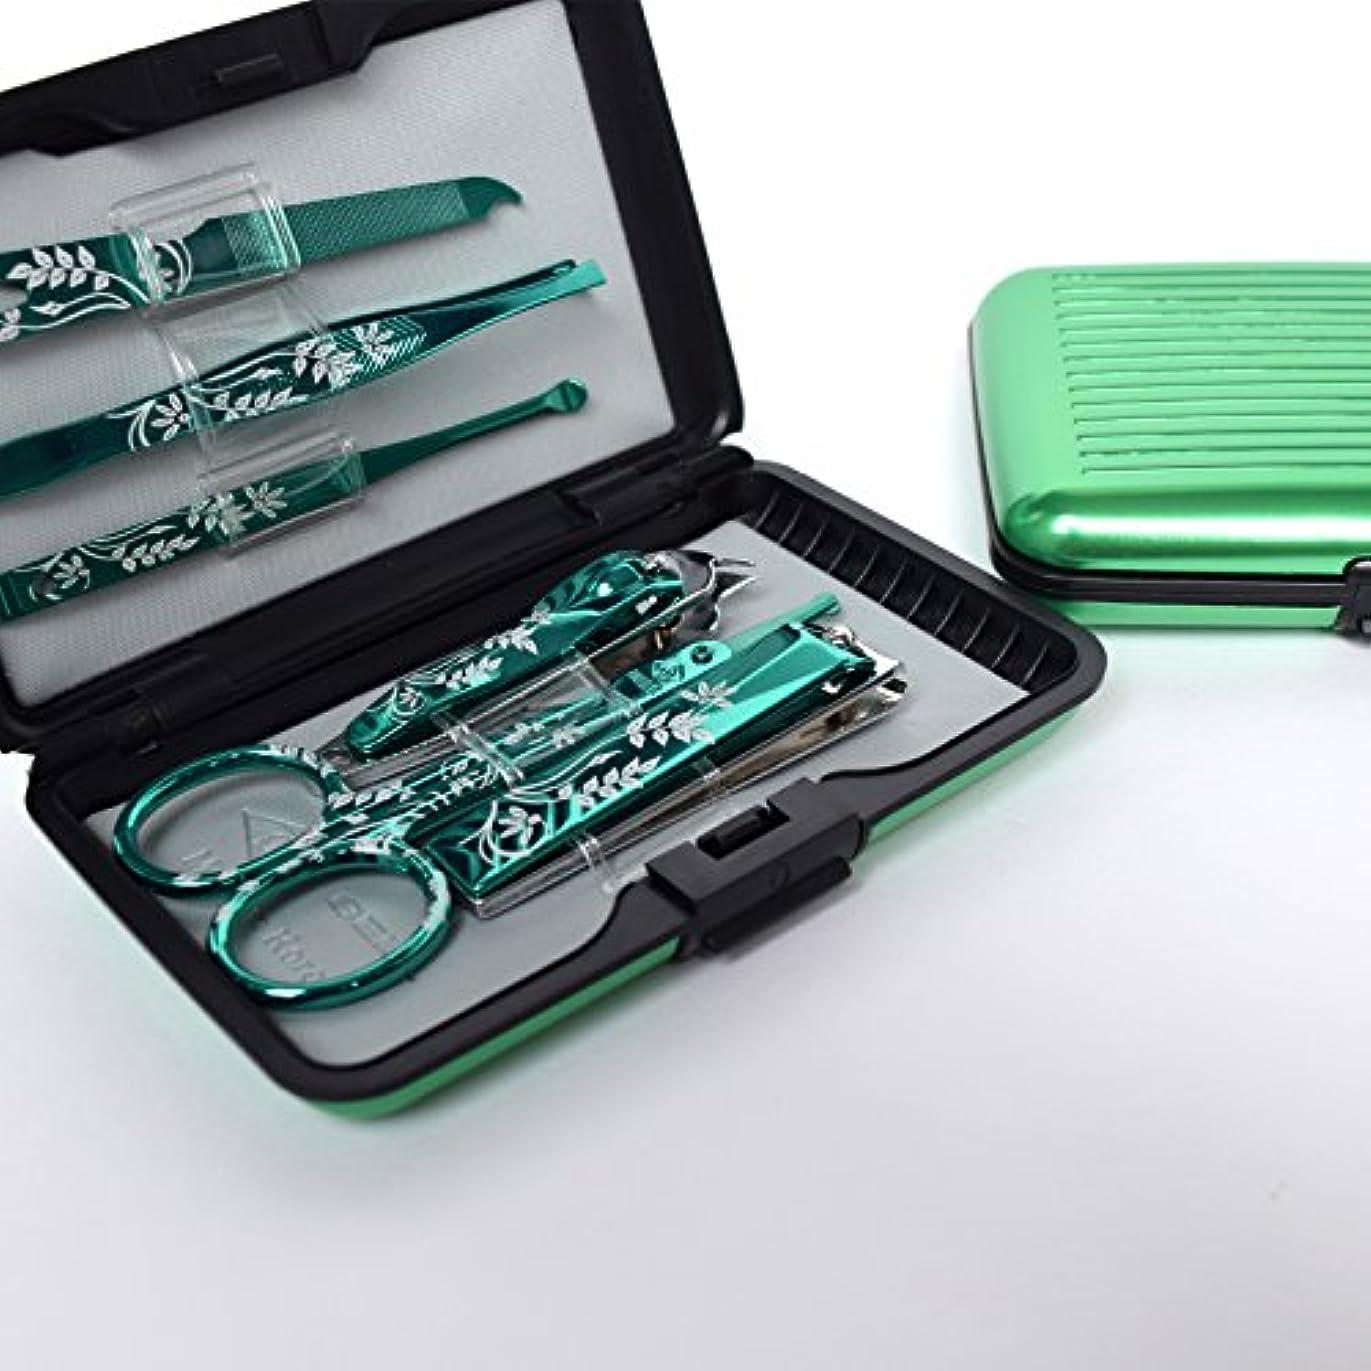 ただ勘違いする豊富なBELL Manicure Sets BM-800A ポータブル爪の管理セット 爪切りセット 高品質のネイルケアセット花モチーフのイラストデザイン Portable Nail Clippers Nail Care Set